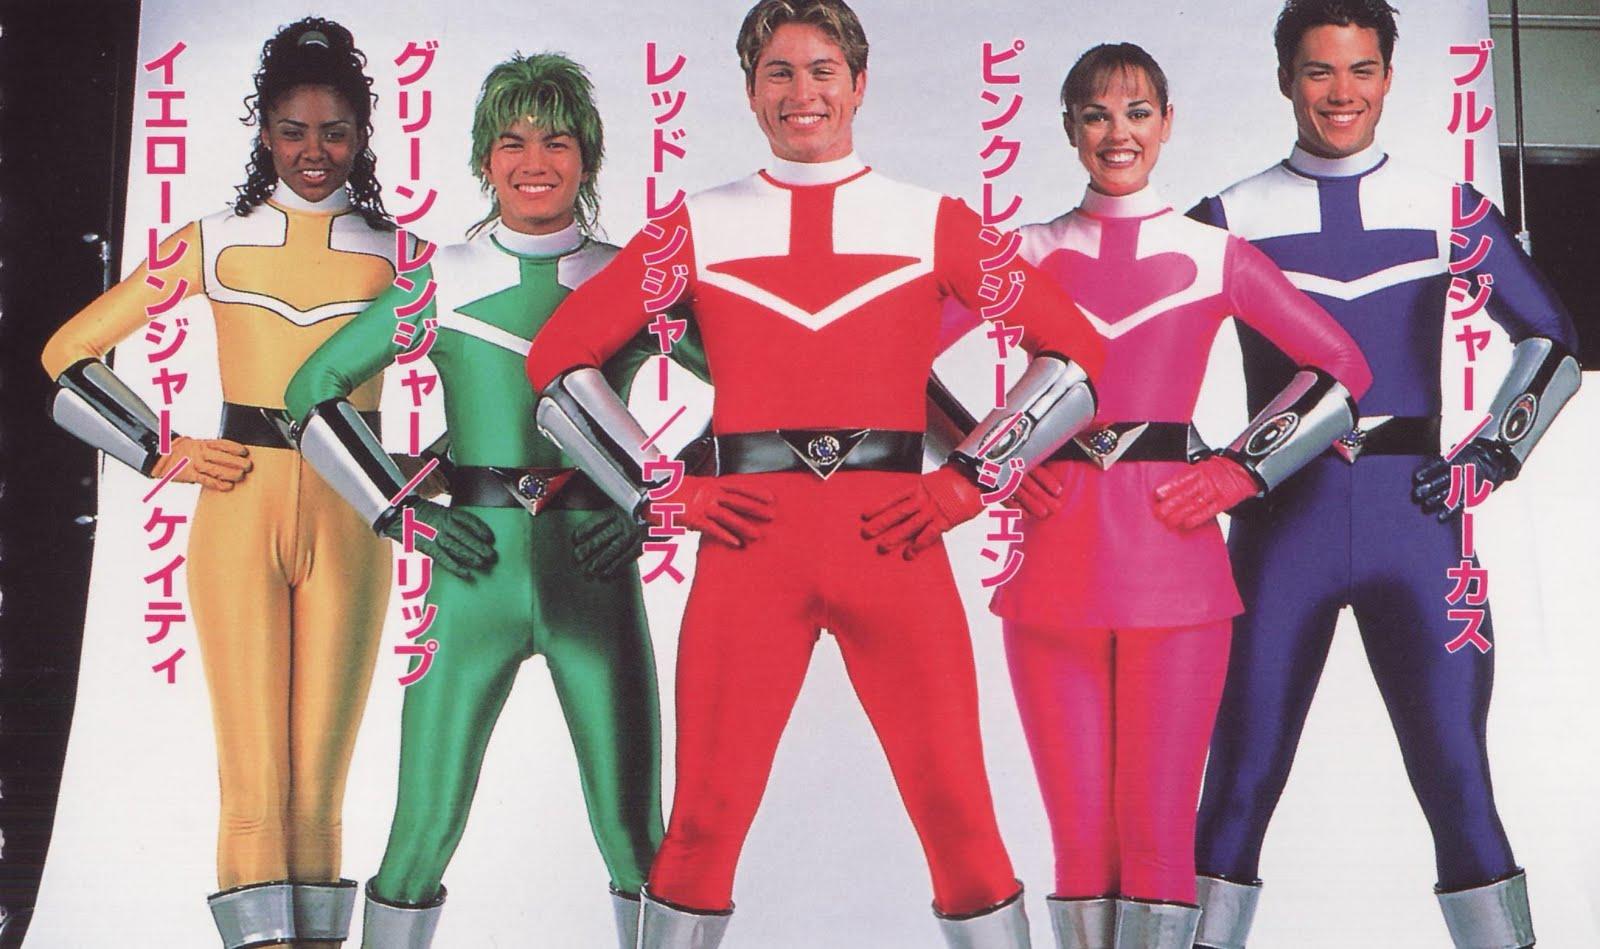 Henshin Grid: Helmetless Power Rangers (Actors in Suits)